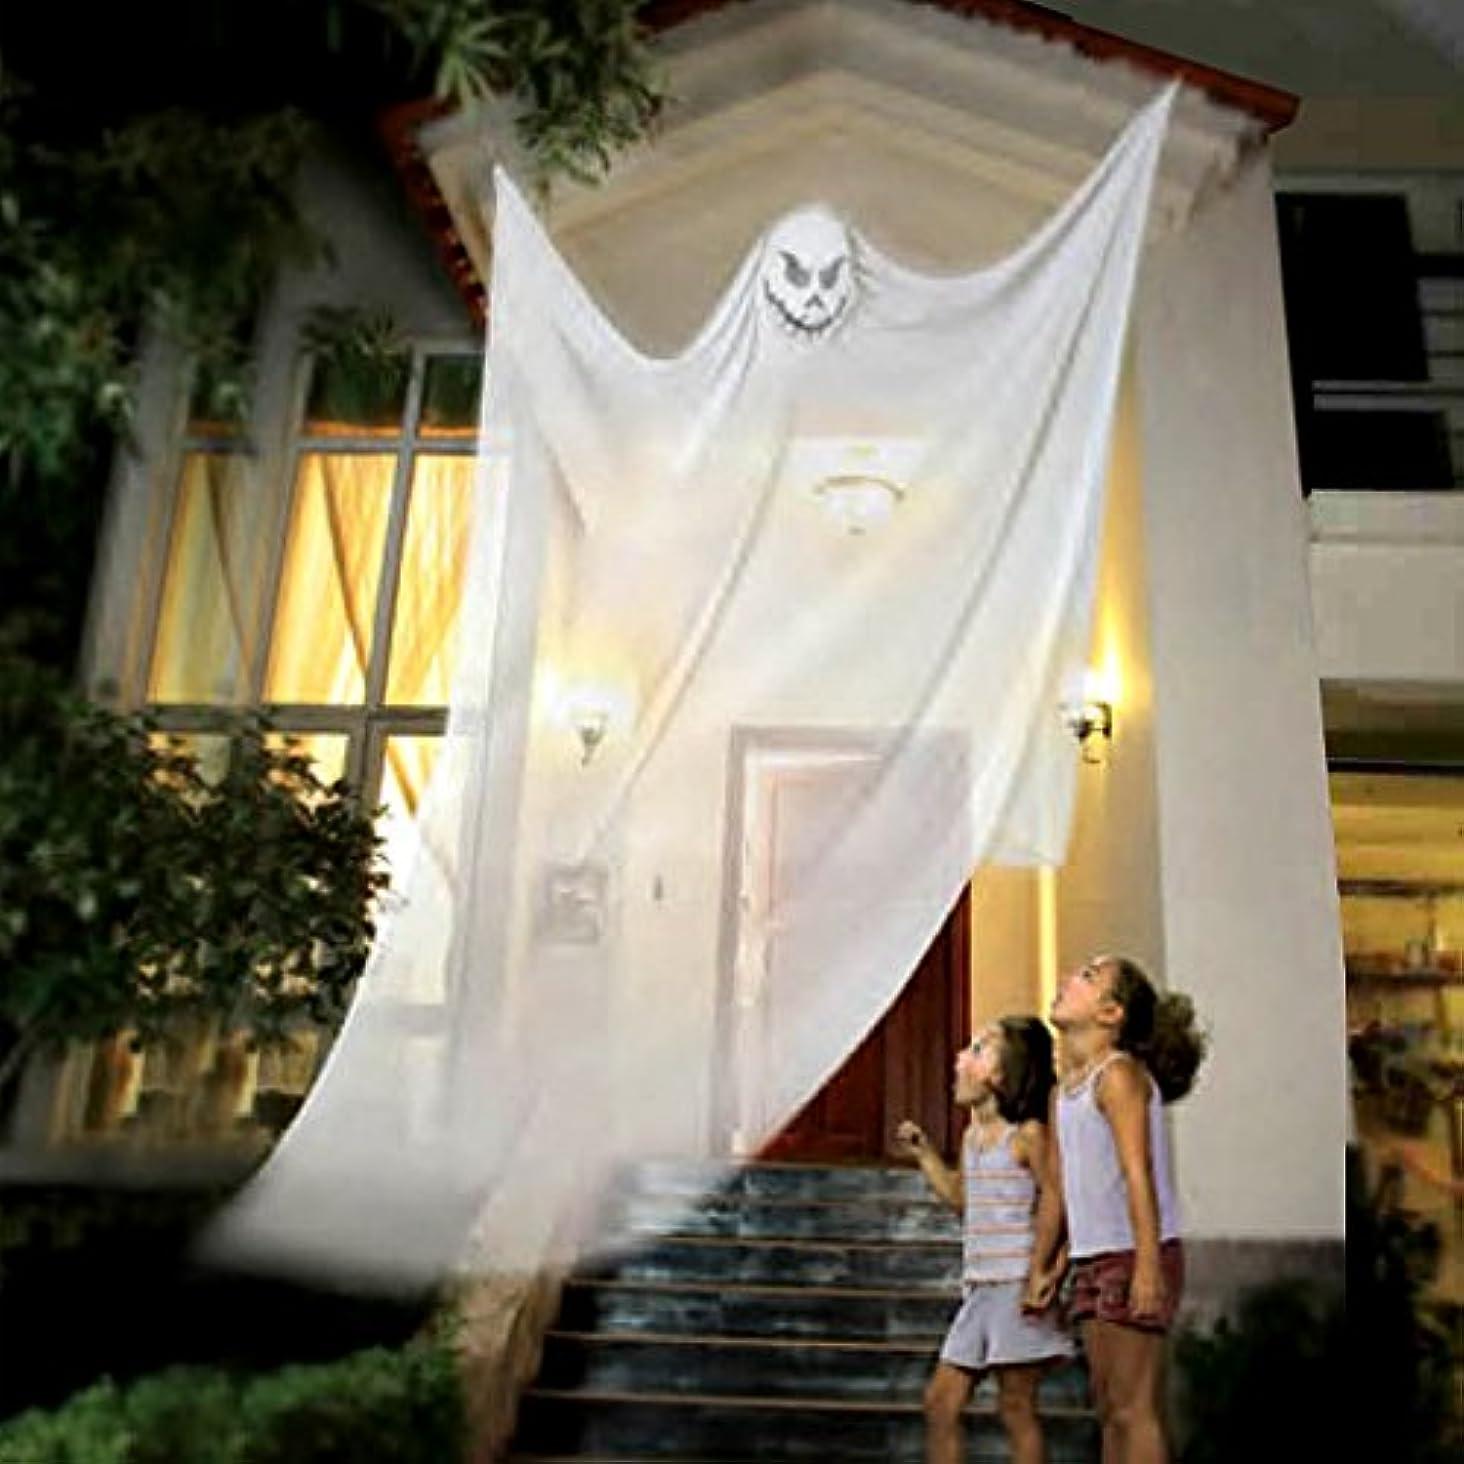 狐まばたき主流ハロウィーンフェスティバルぶら下げ幽霊装飾ホラー小道具バーお化け屋敷室内装飾